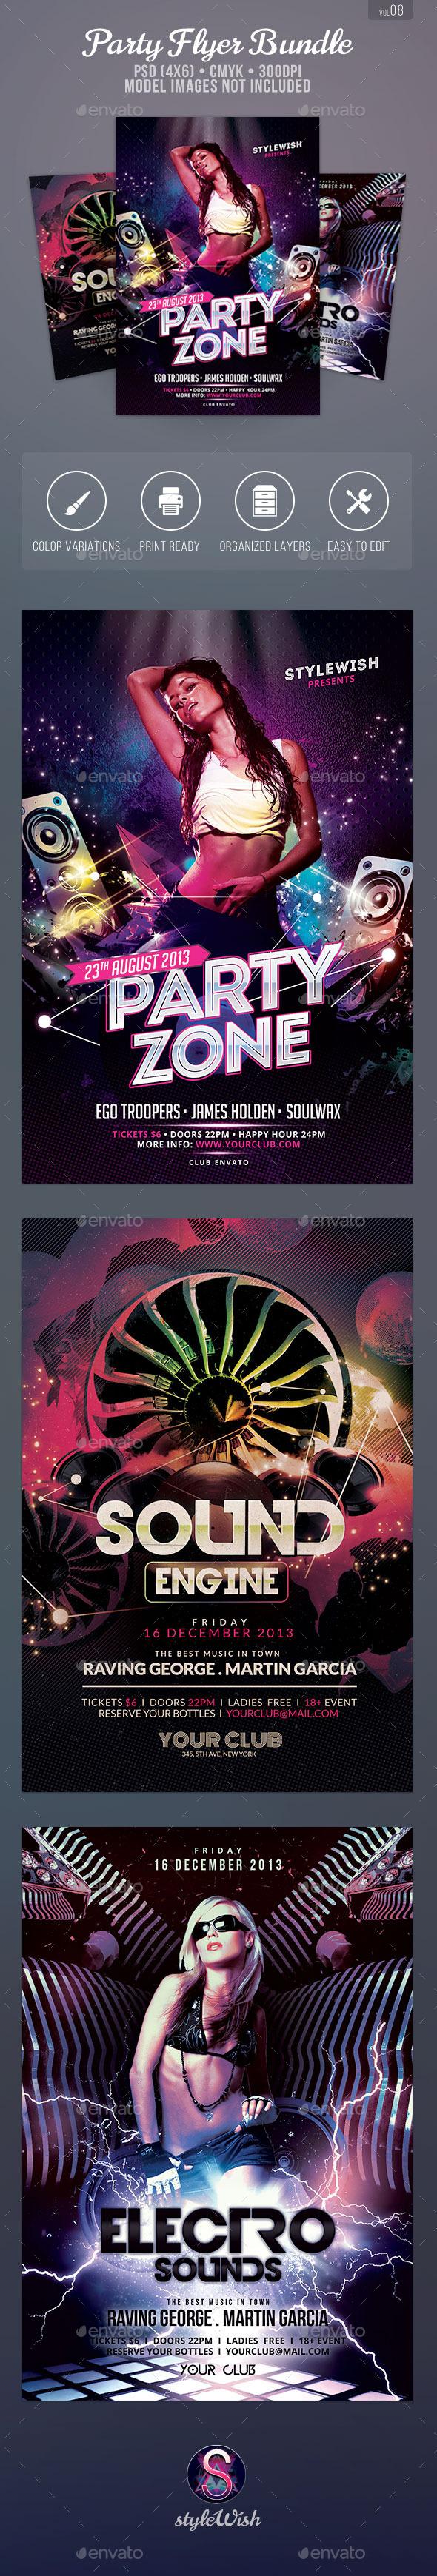 Party Flyer Bundle Vol.8 - Clubs & Parties Events